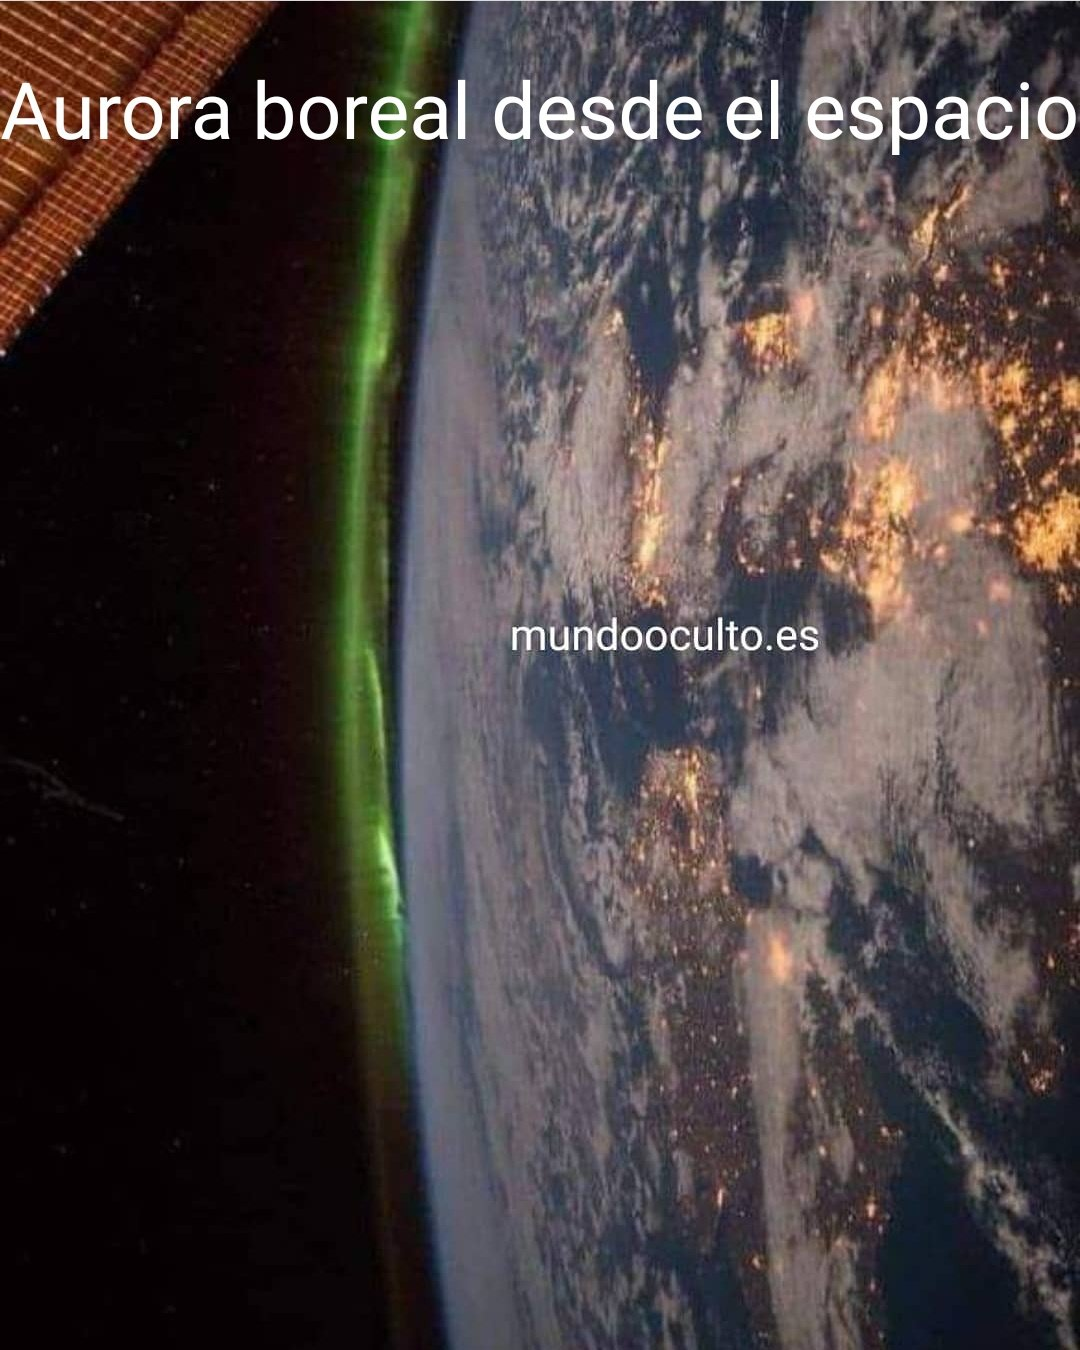 Aurora boreal vista desde el espacio